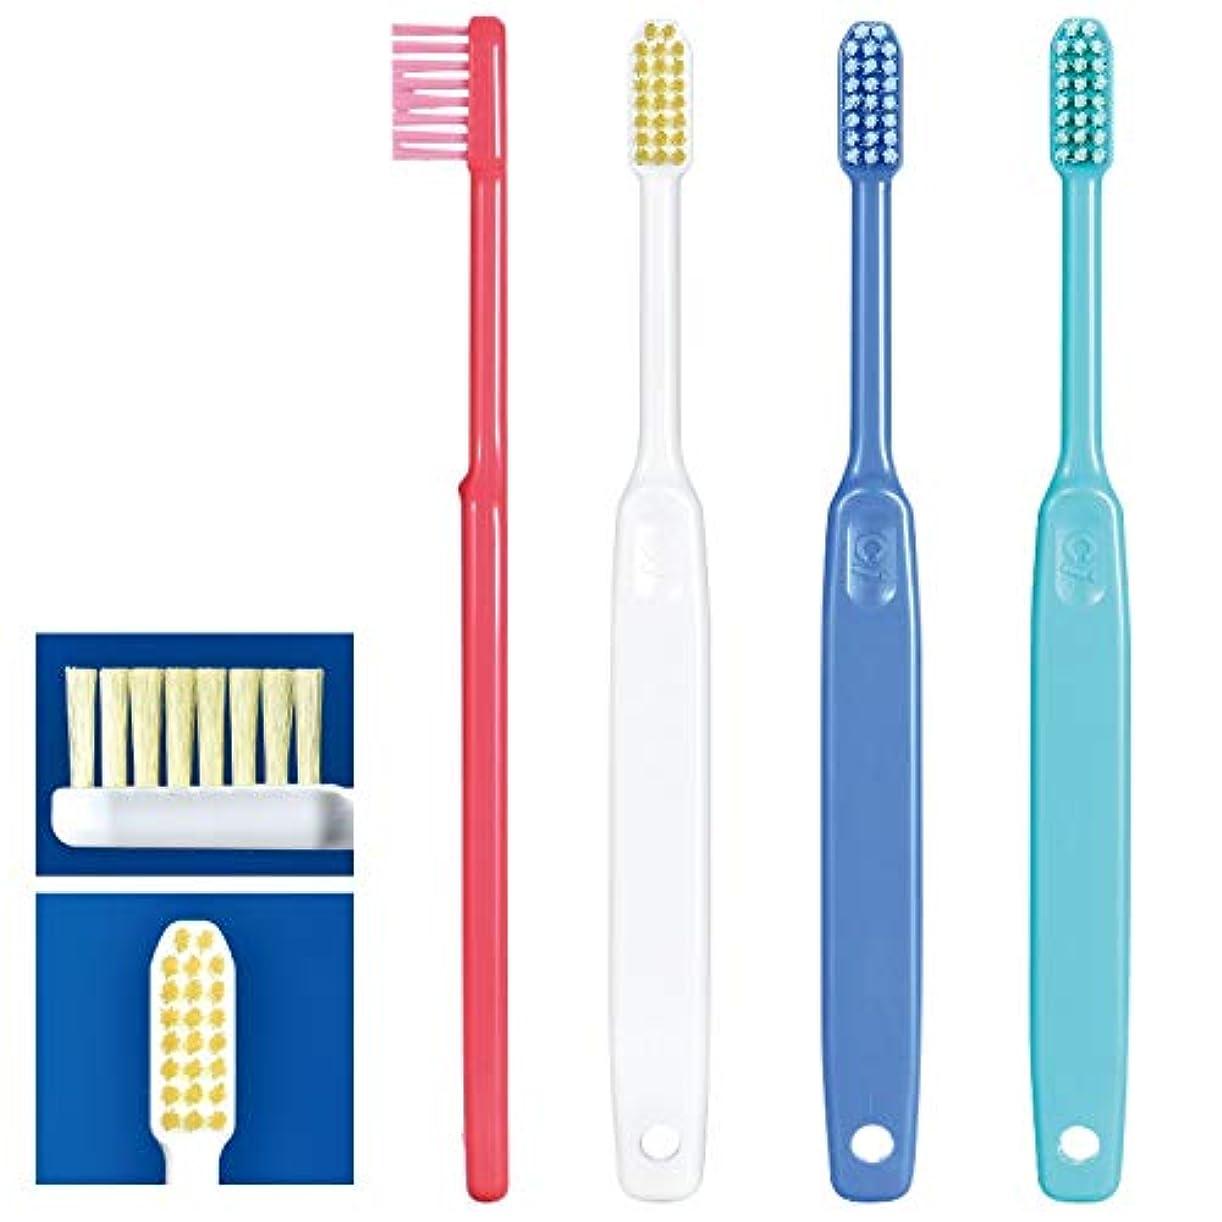 怪しい冷えるミントCi20カラー歯ブラシ 20本 MS(やややわらかめ) 日本製 カラー毛 高密度植毛 歯科専売品